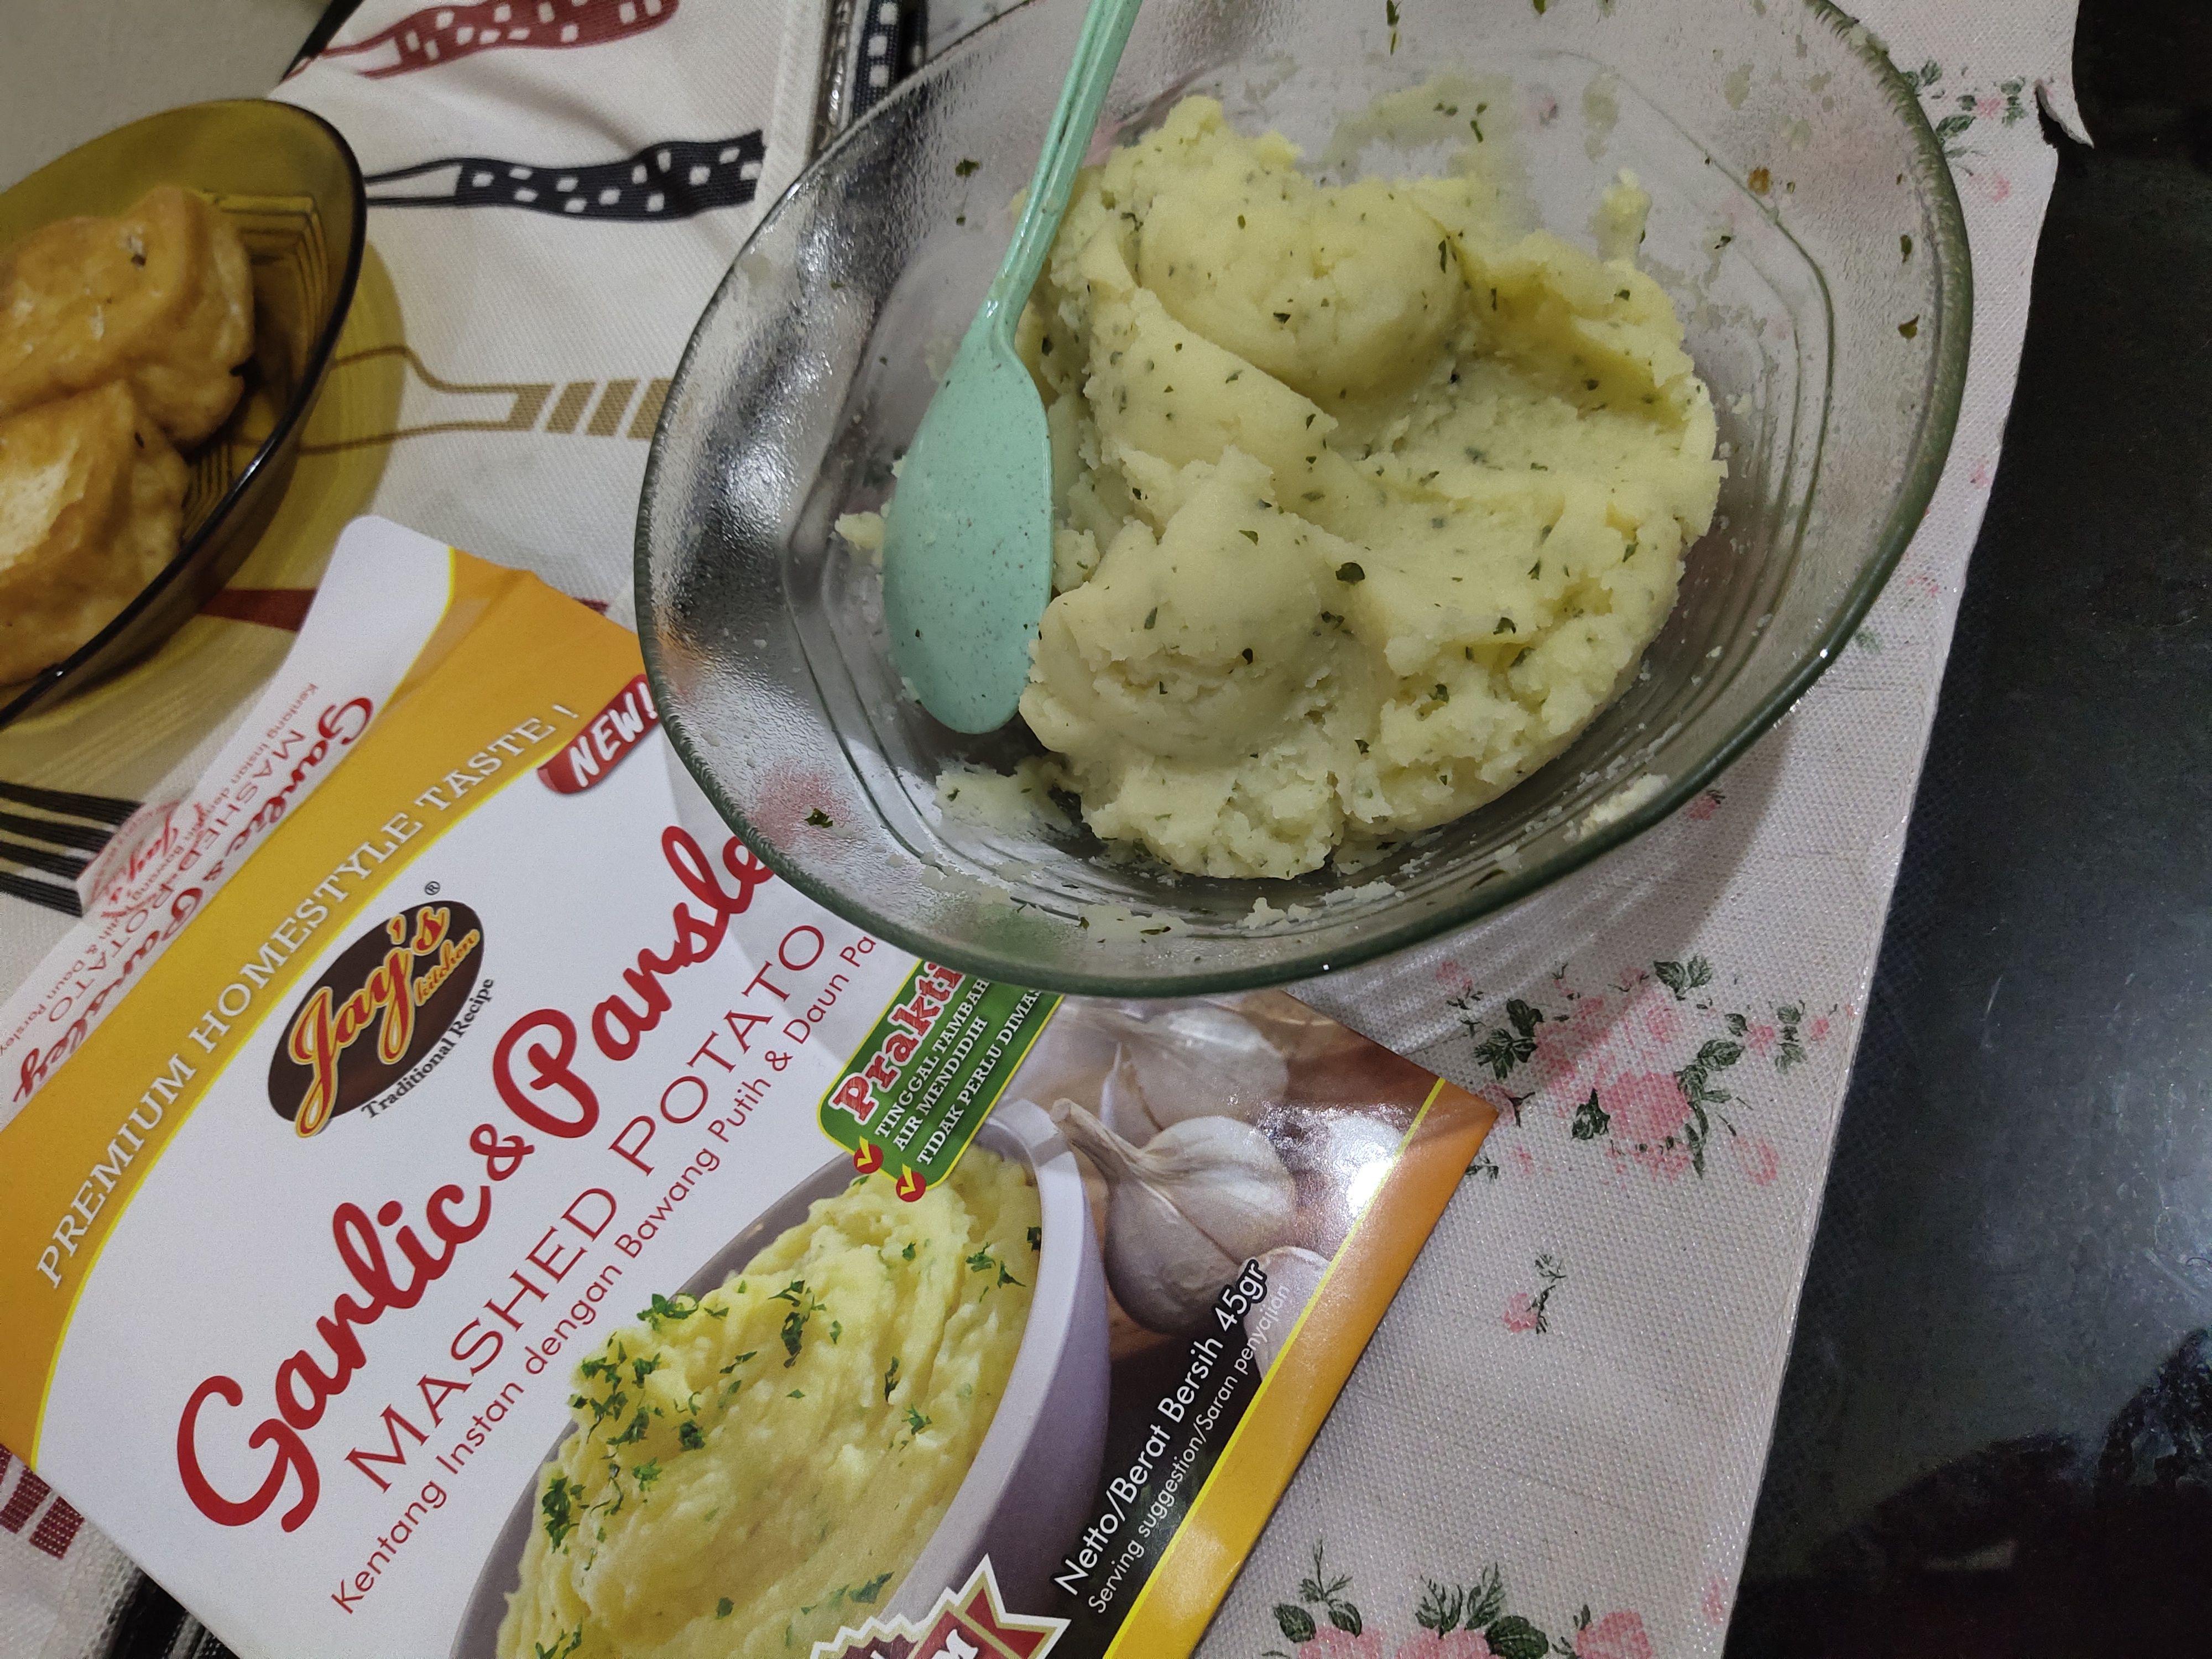 gambar review ke-2 untuk Jay's Kitchen Garlic and Parsley Mashed Potato